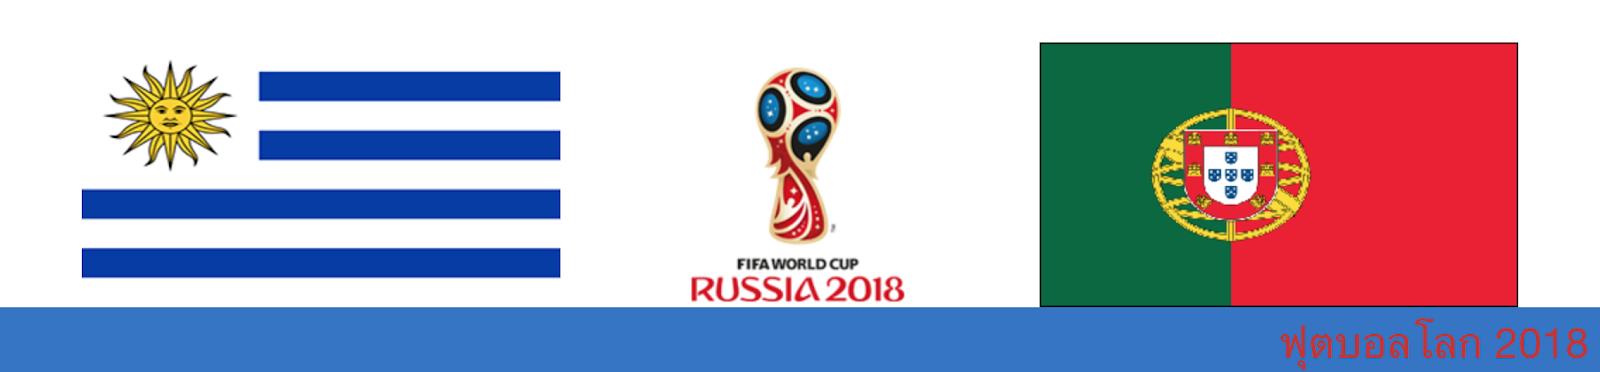 ดูบอลสด วิเคราะห์บอล ฟุตบอลโลก 2018 ระหว่าง อุรุกวัย vsโปรตุเกส